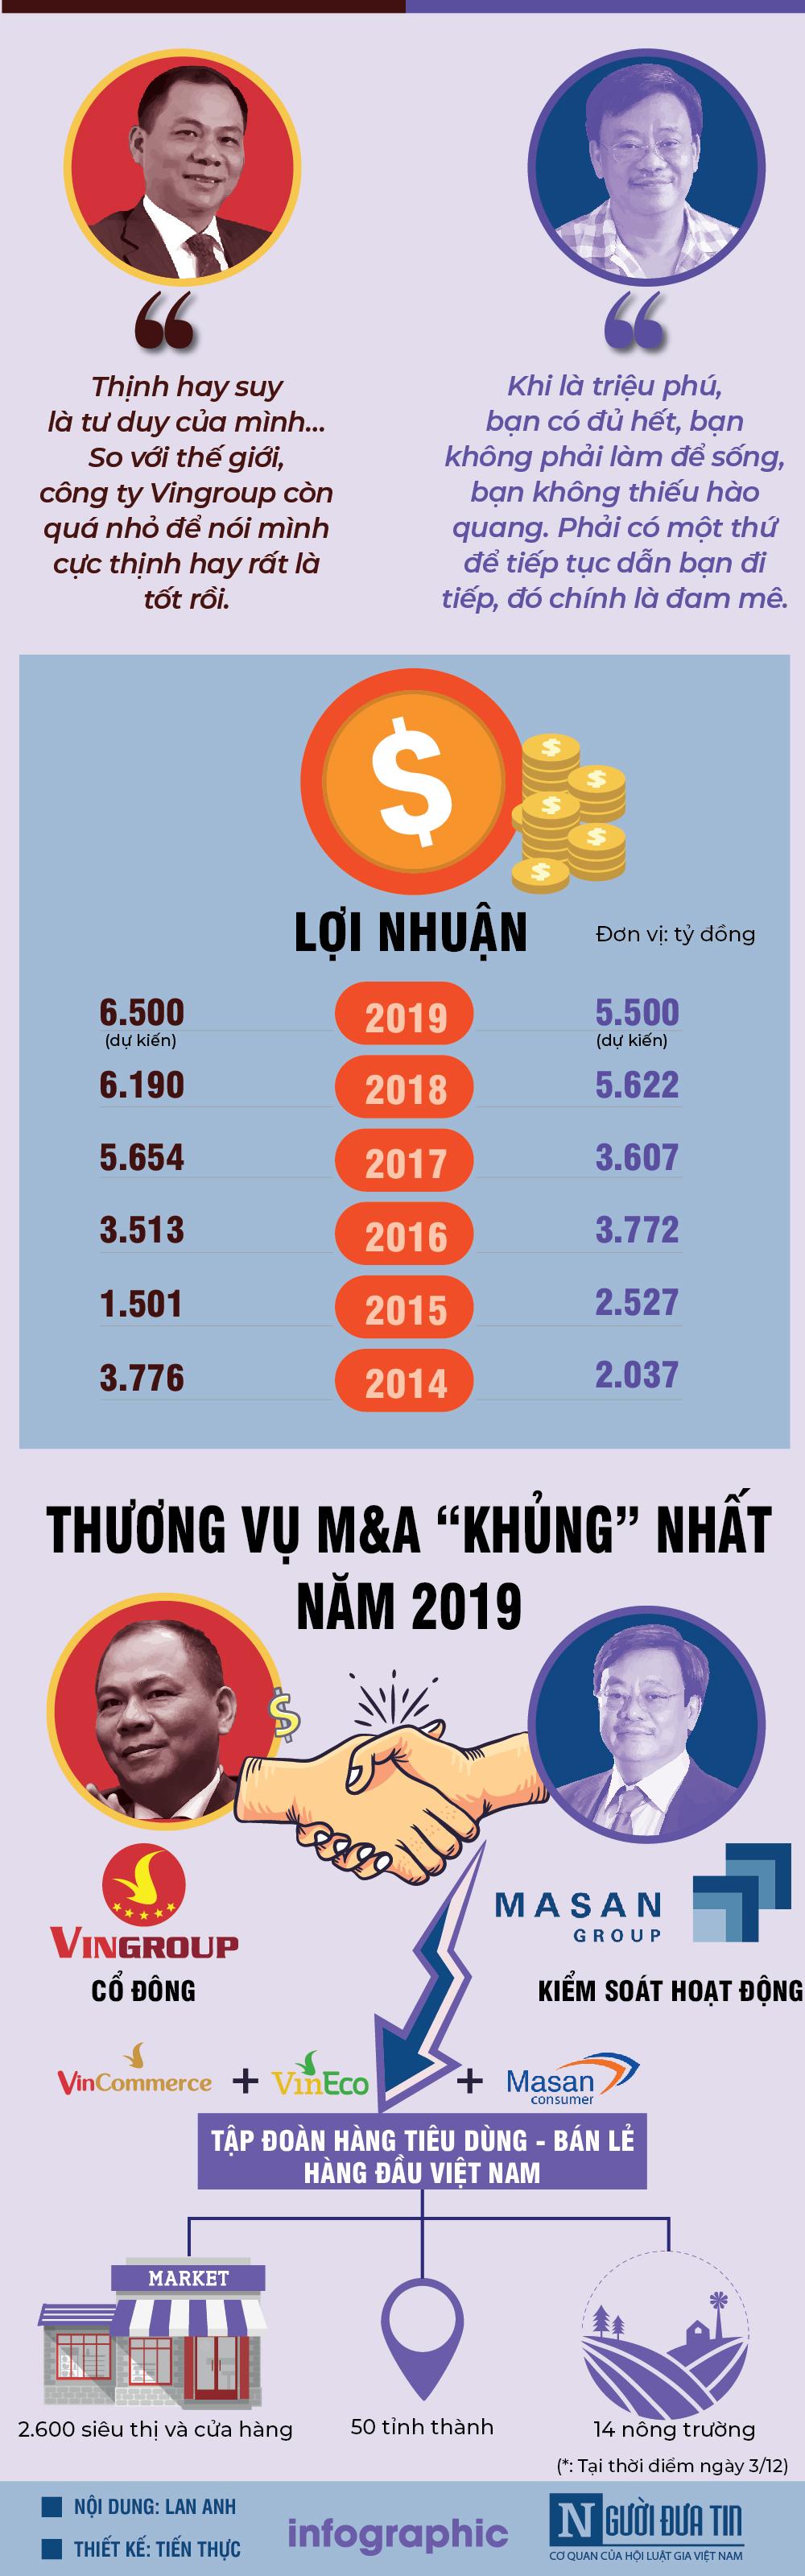 [Info] So găng khối tài sản của hai tỷ phú Vingroup Phạm Nhật Vượng và tỷ phú Masan Nguyễn Đăng Quang - 2